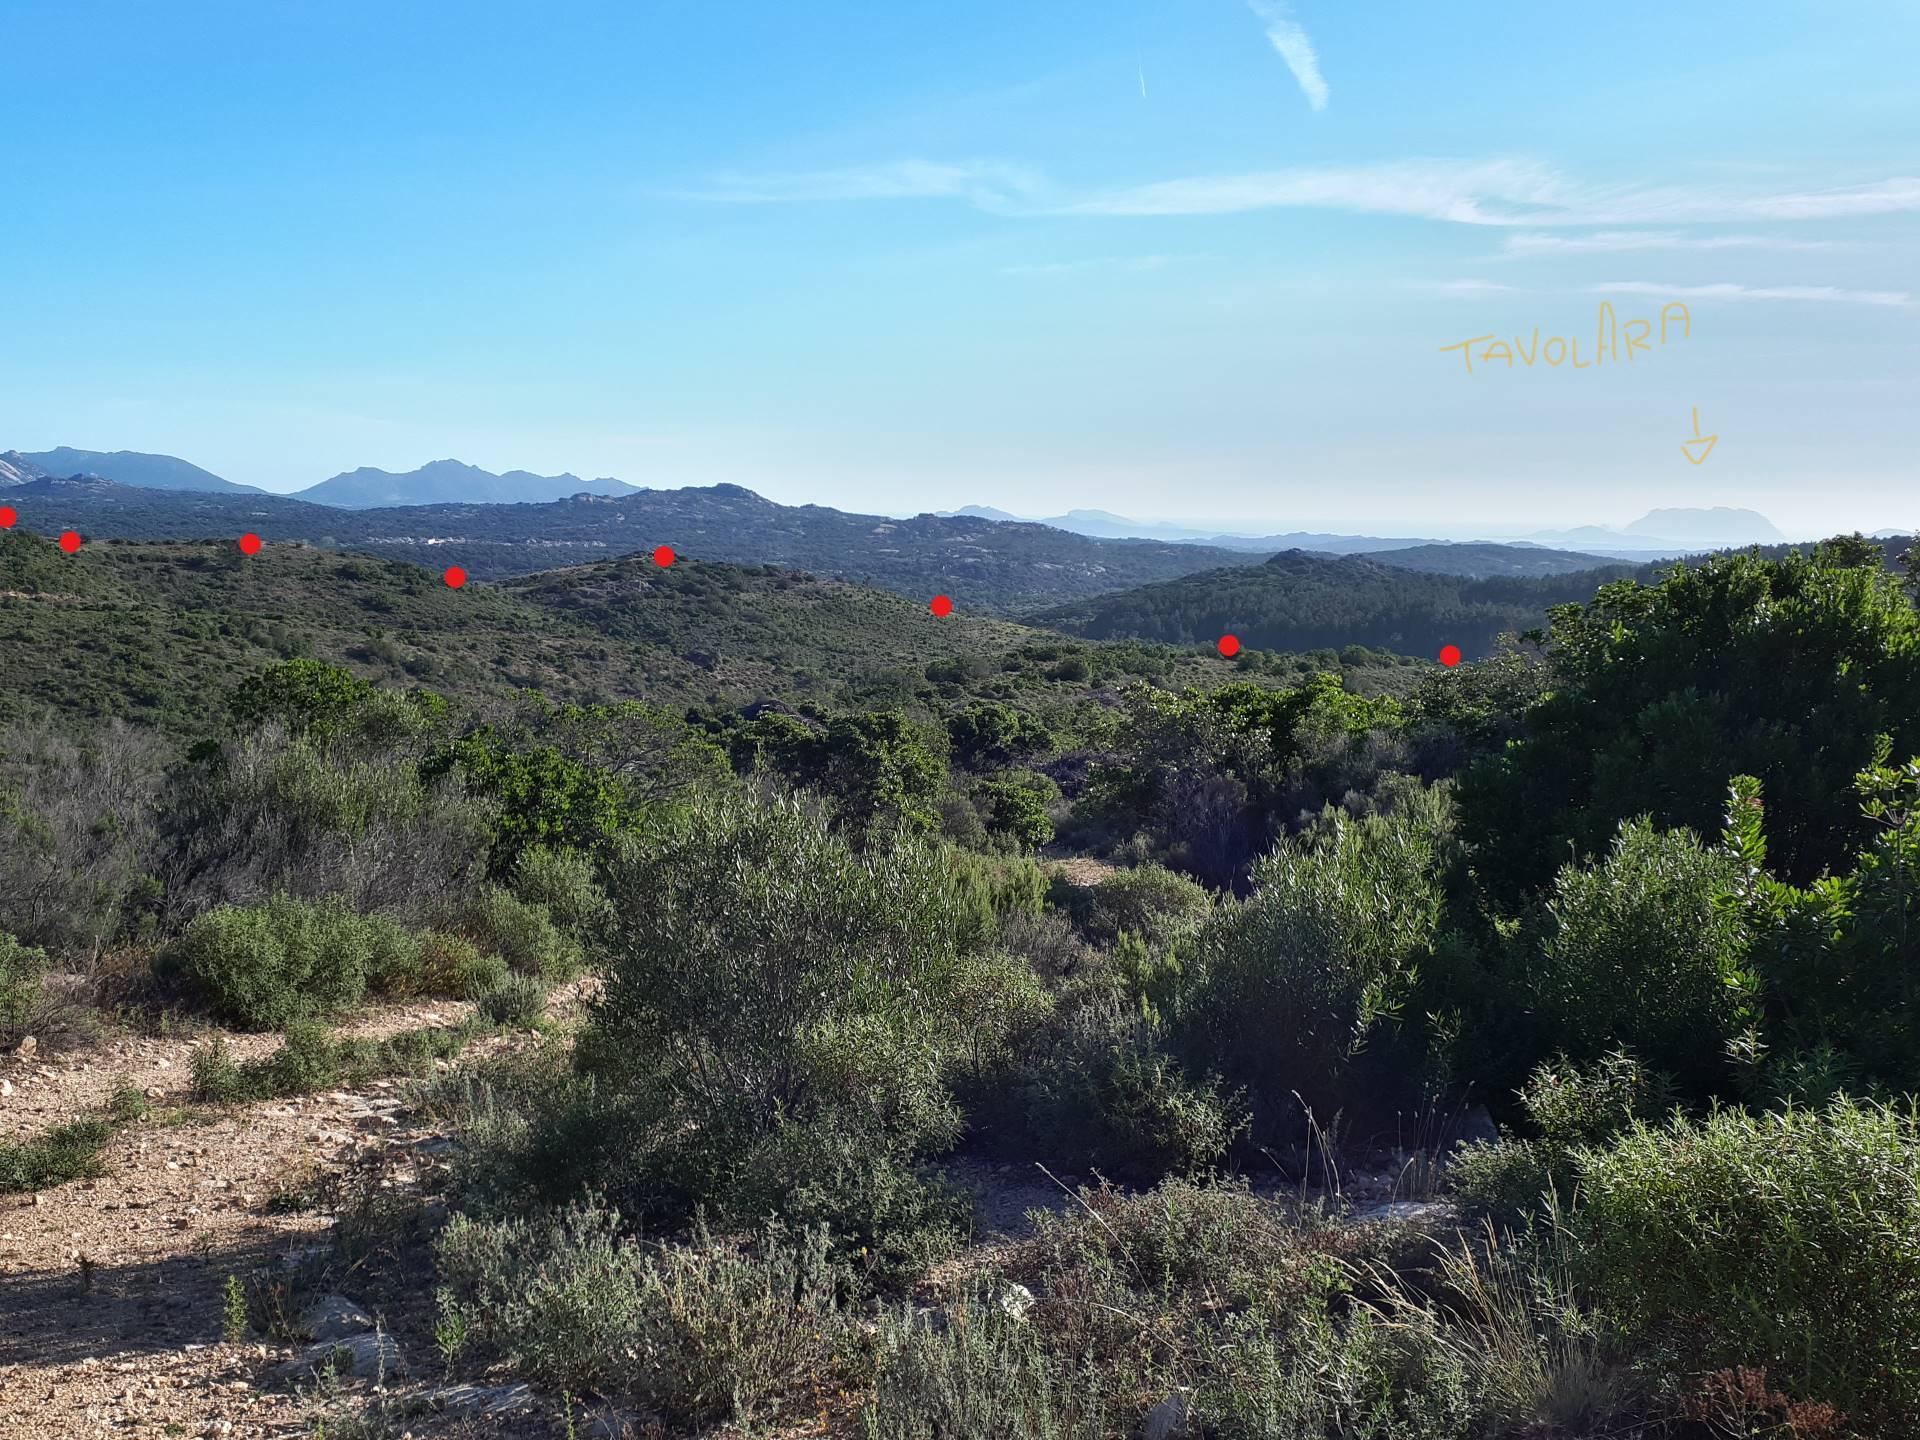 Terreno Agricolo in vendita a Berchidda, 9999 locali, prezzo € 475.000 | PortaleAgenzieImmobiliari.it